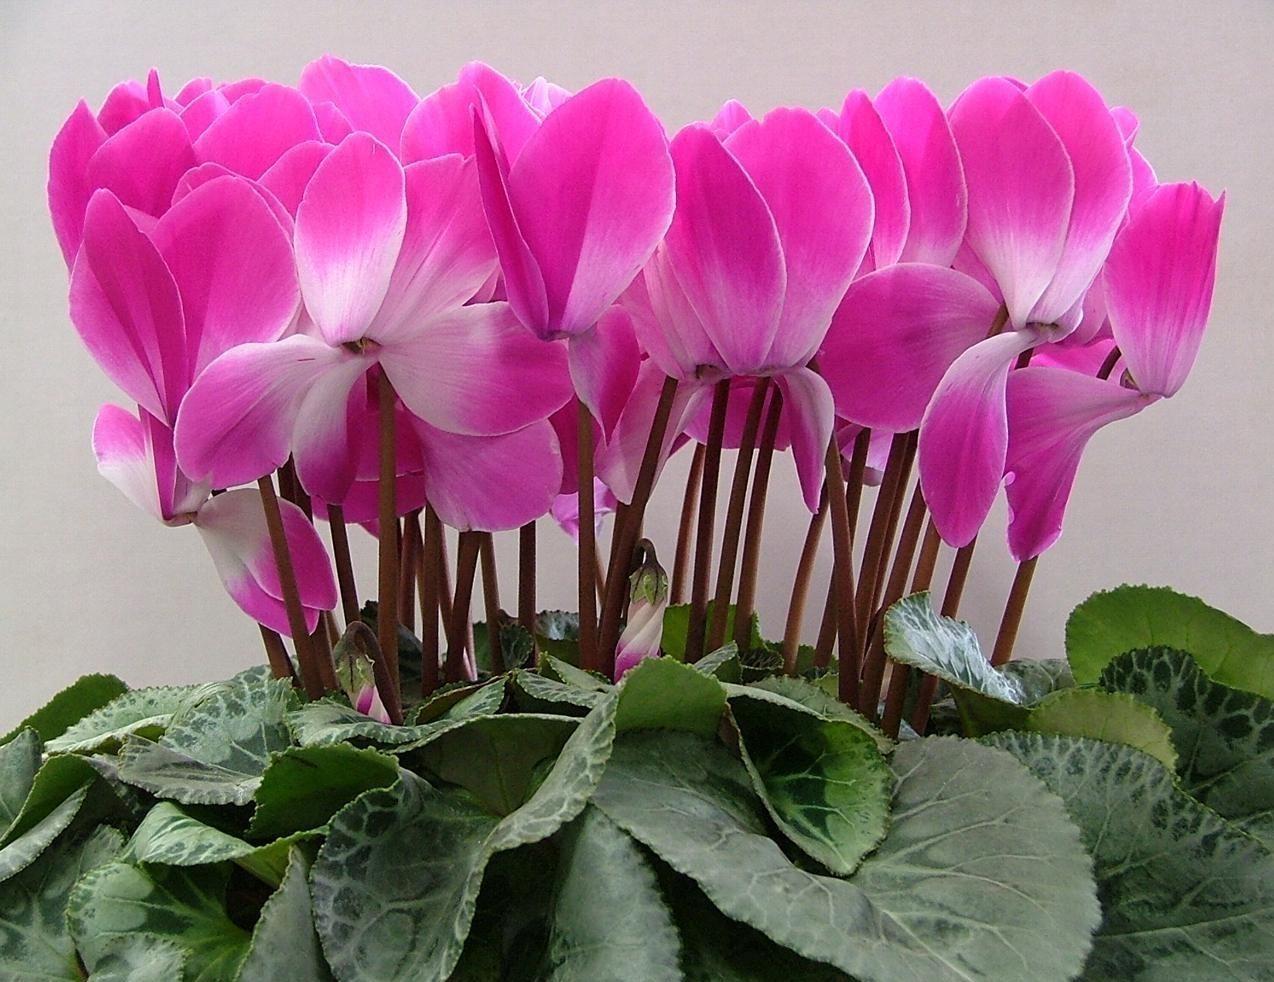 Комнатный цветок цикламен как ухаживать в домашних условиях, как заставить хорошо расти и регулярно цвести, посадка и пересадка дряквы